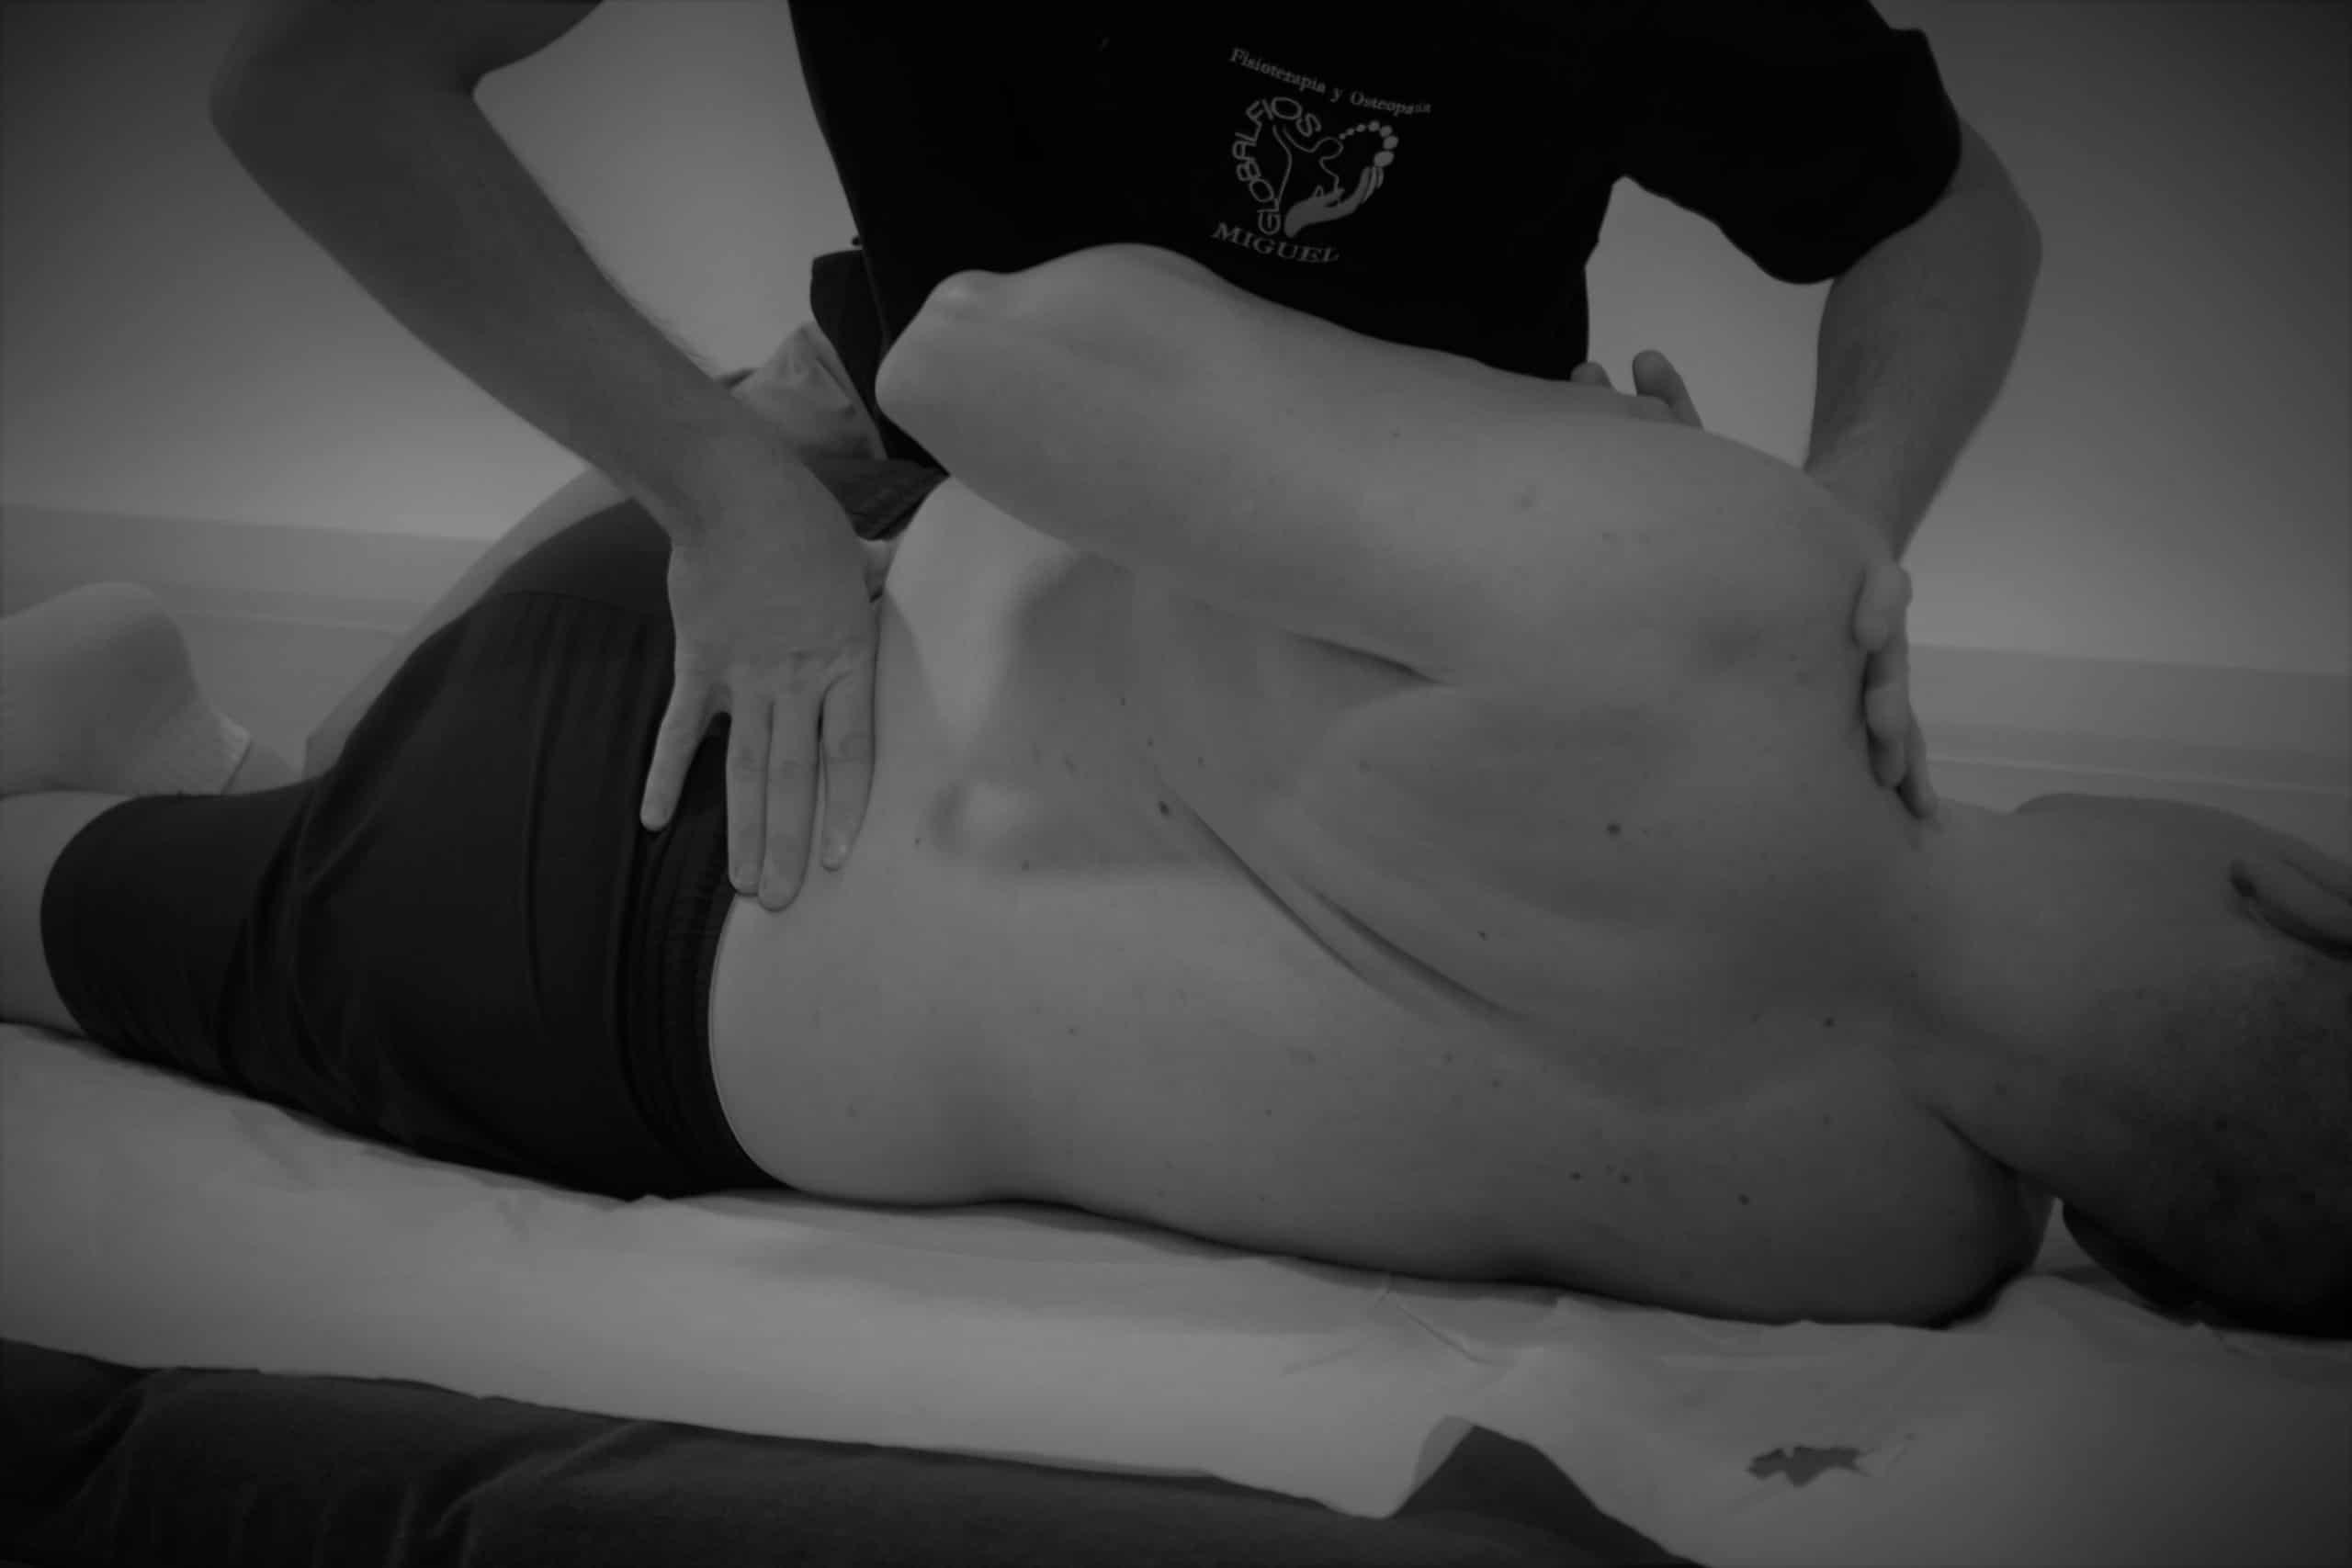 tratamiento-fisioterapia-osteopatia-lumbalgia-2 (1)